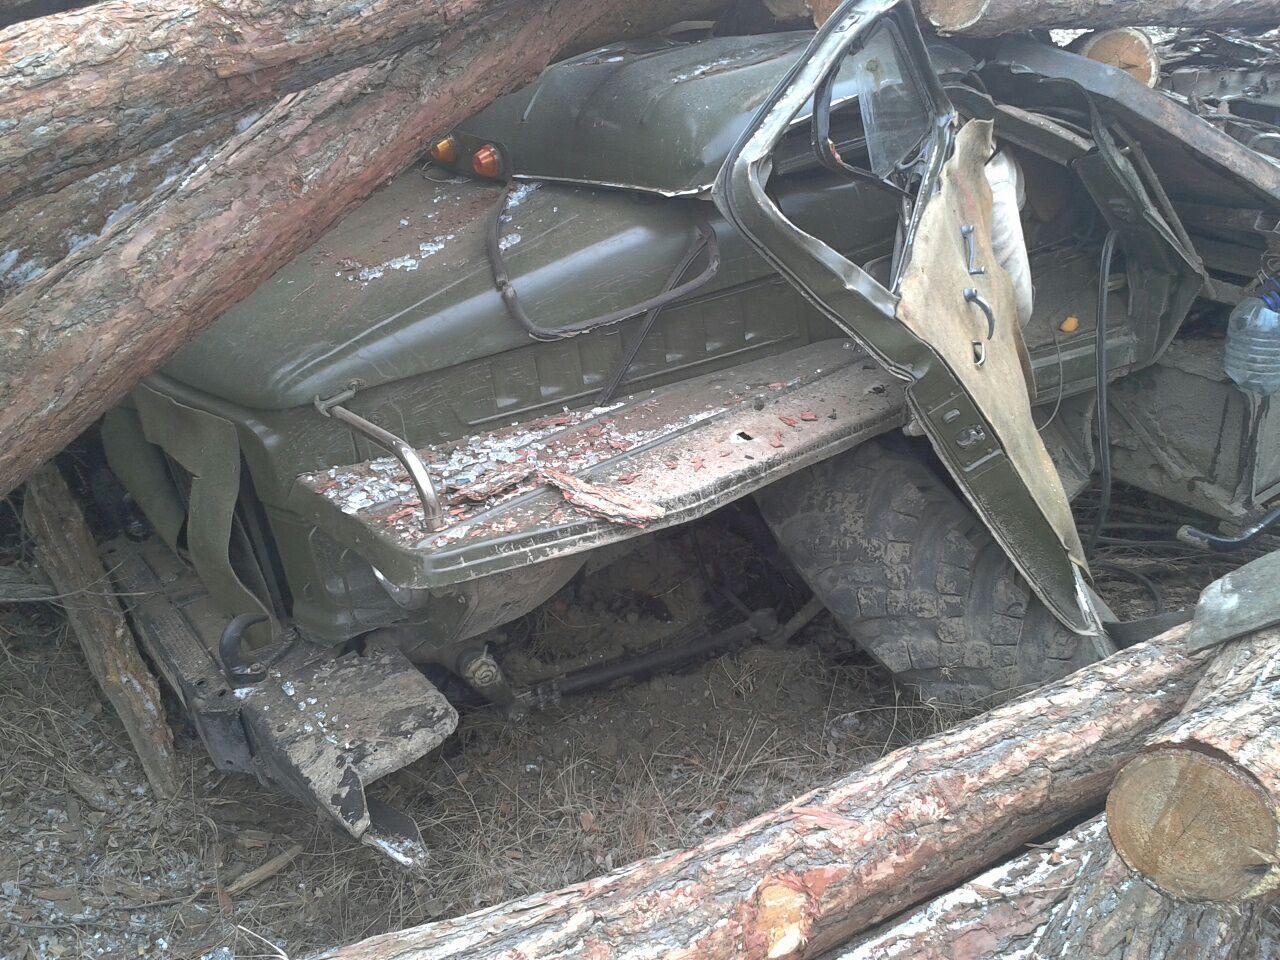 ДТП в Хангаласском улусе: водителя грузовика задавило бревнами